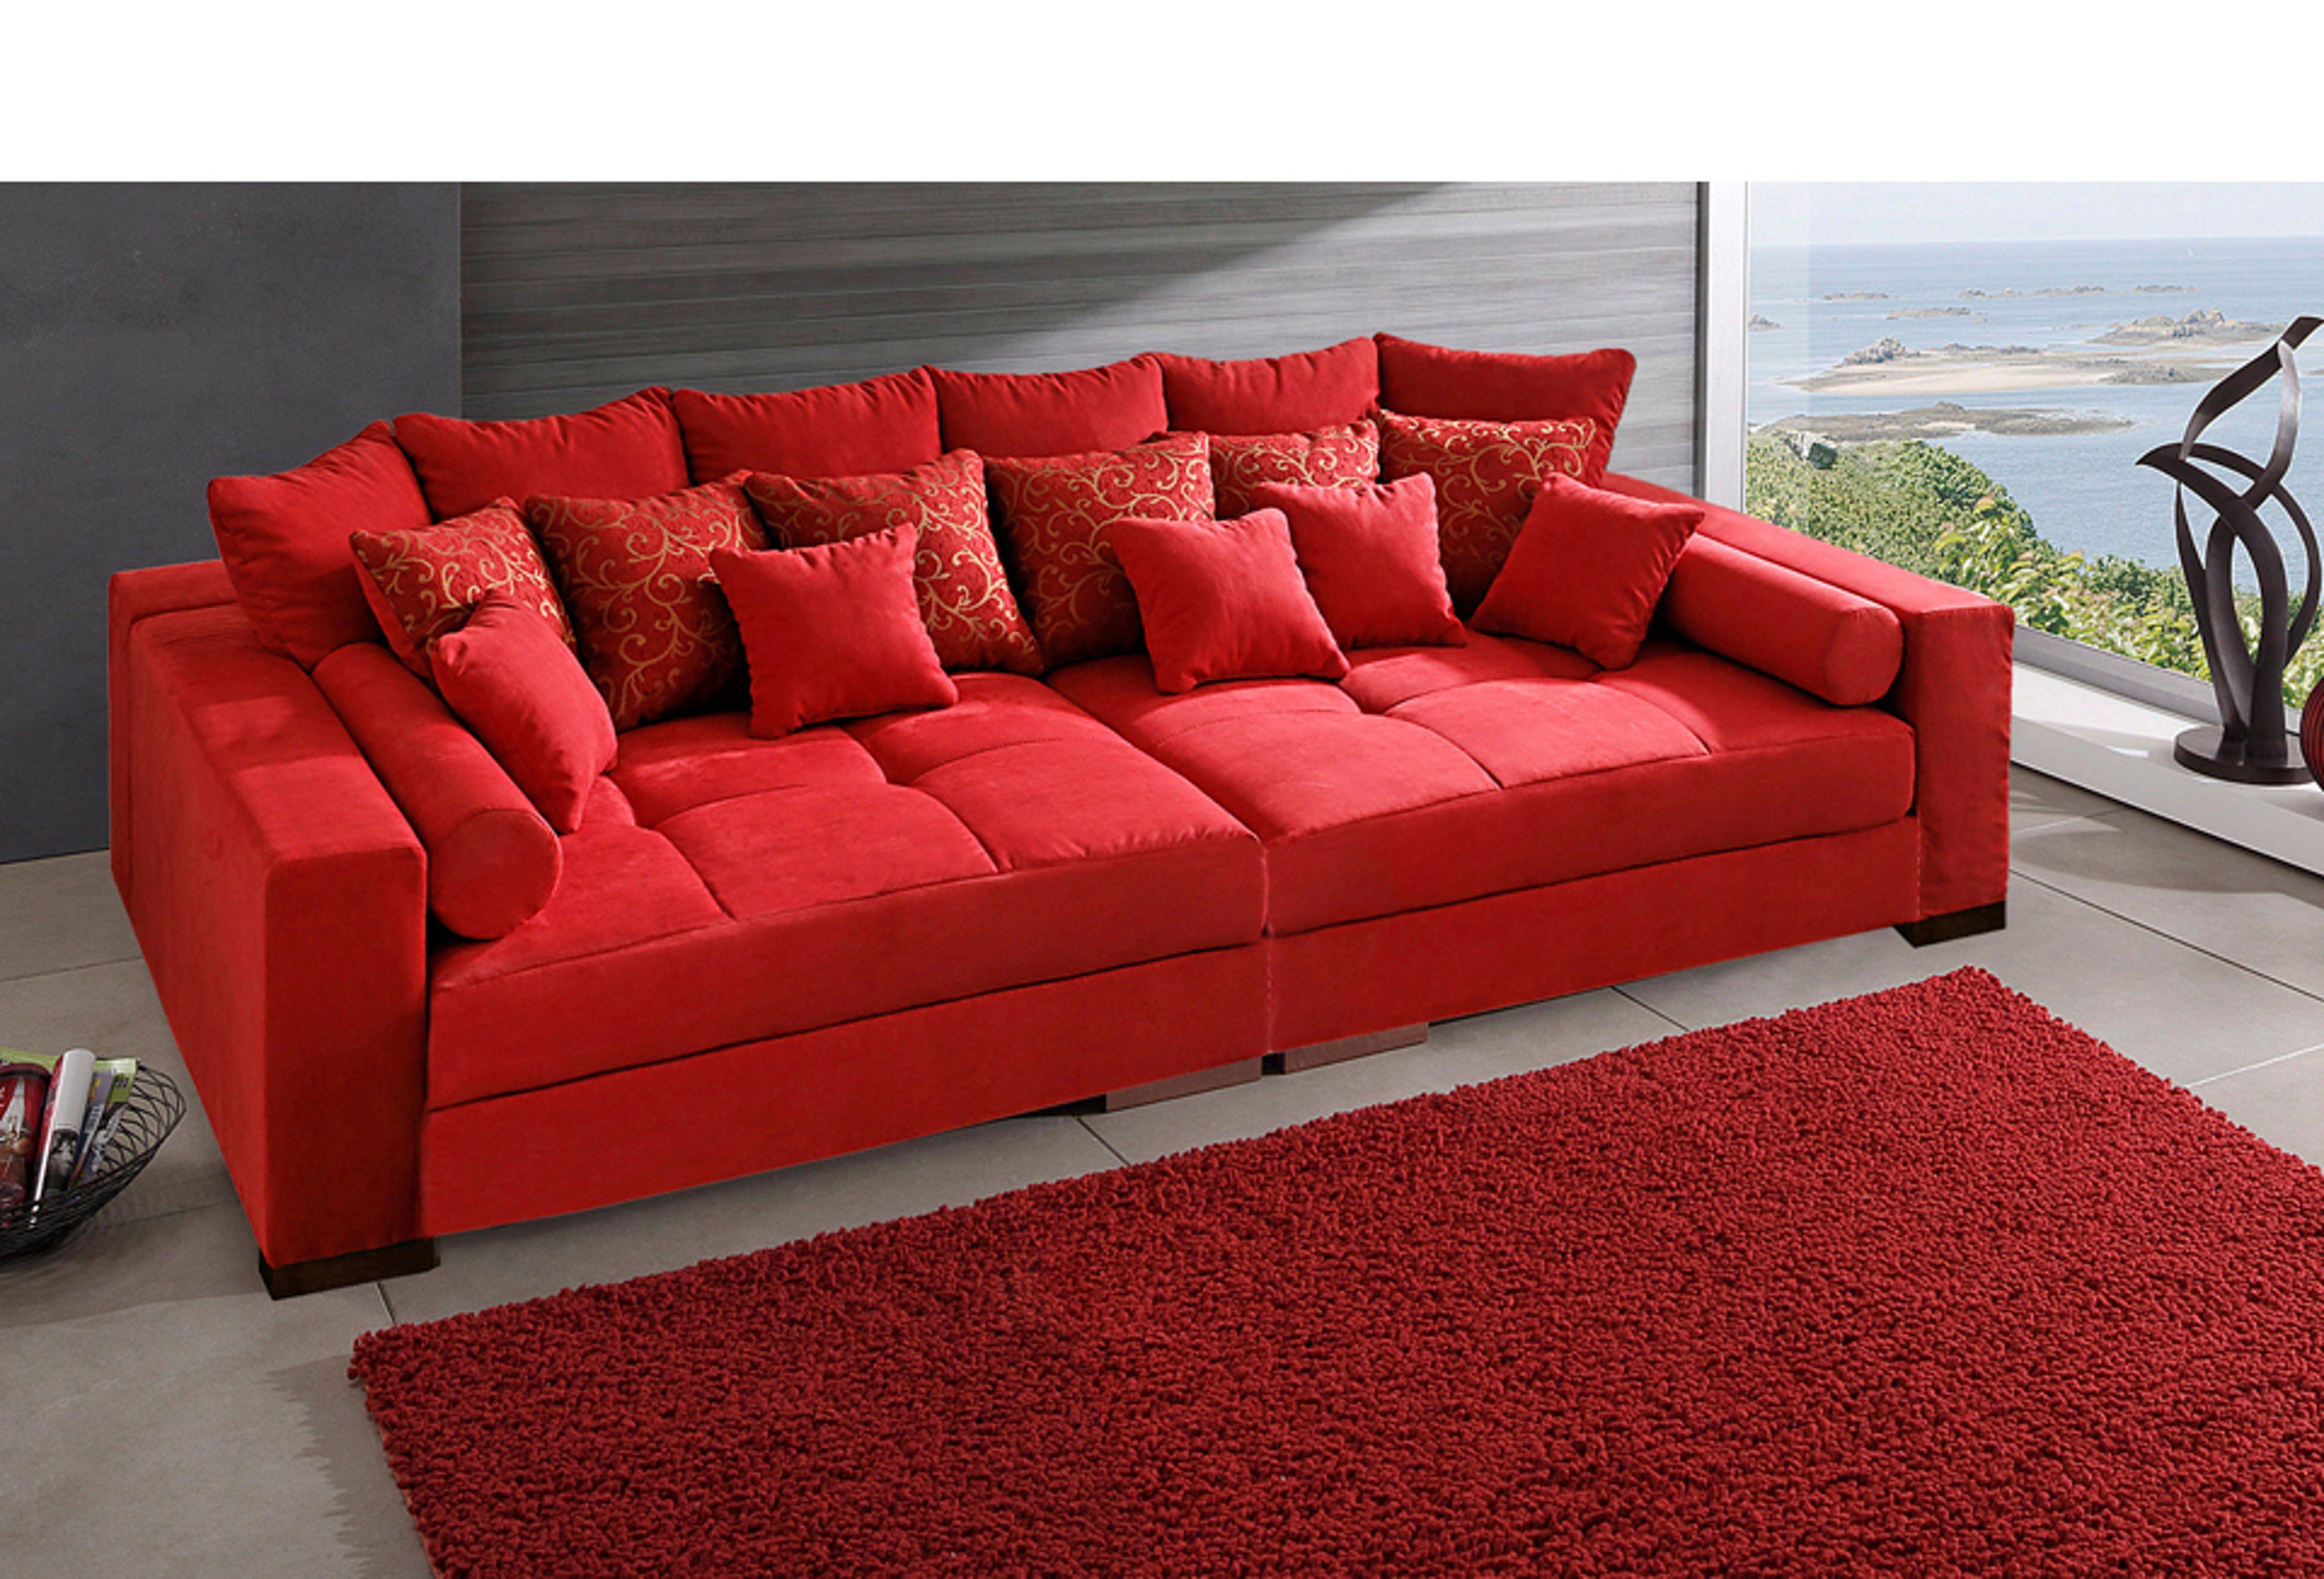 Xxl Sofa Wohnen Teppich Wohnzimmer Gunstige Sofas